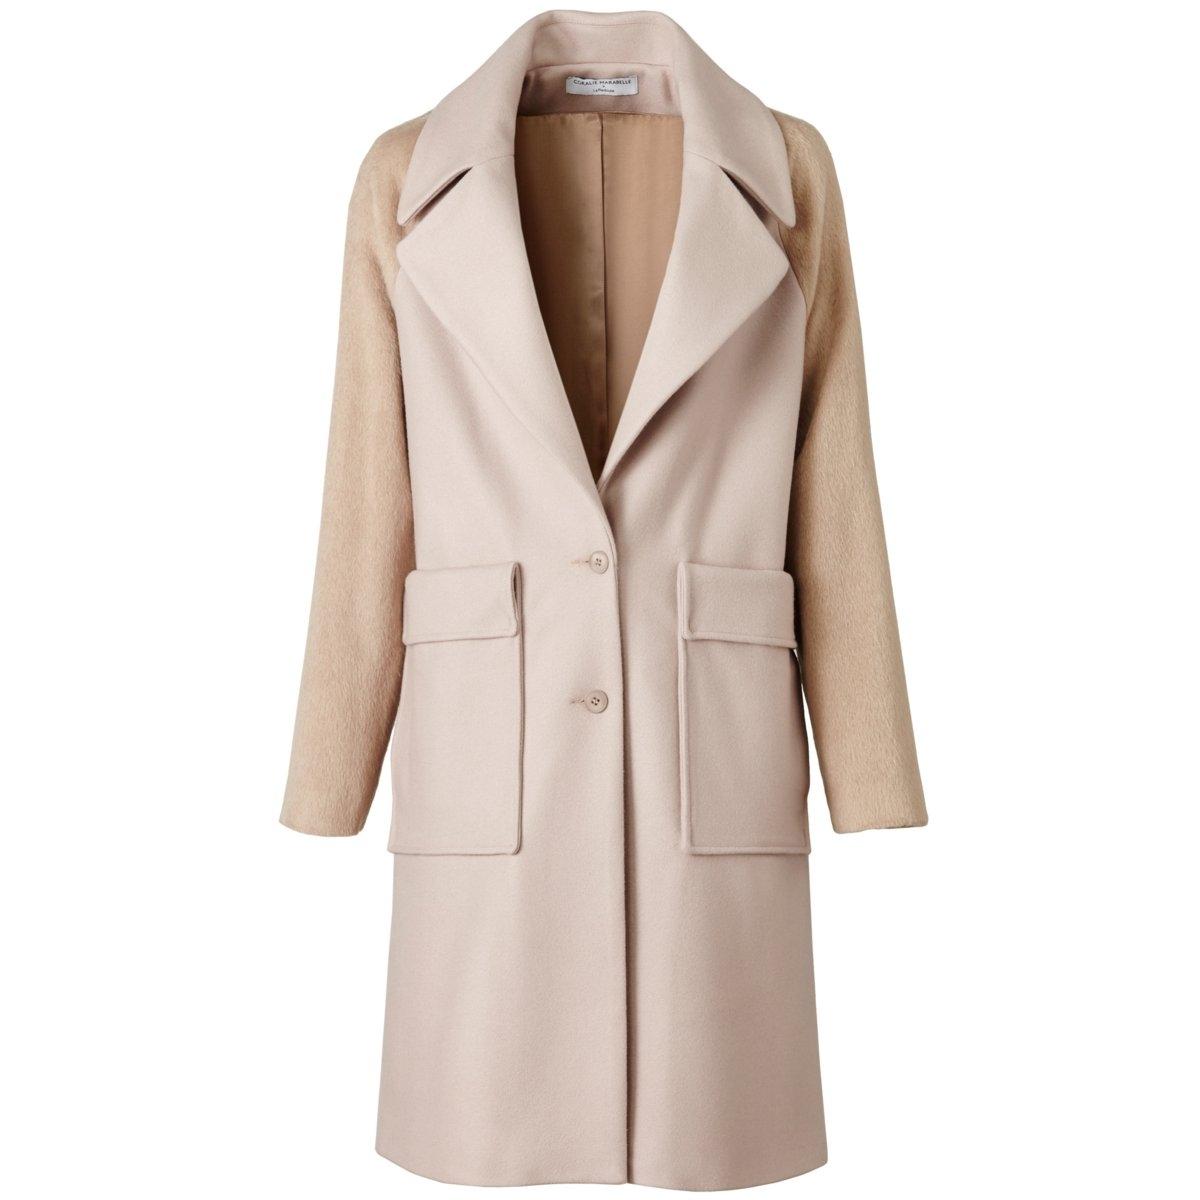 Пальто прямого покроя<br><br>Цвет: темно-бежевый,черный<br>Размер: 40 (FR) - 46 (RUS).44 (FR) - 50 (RUS).40 (FR) - 46 (RUS).38 (FR) - 44 (RUS)